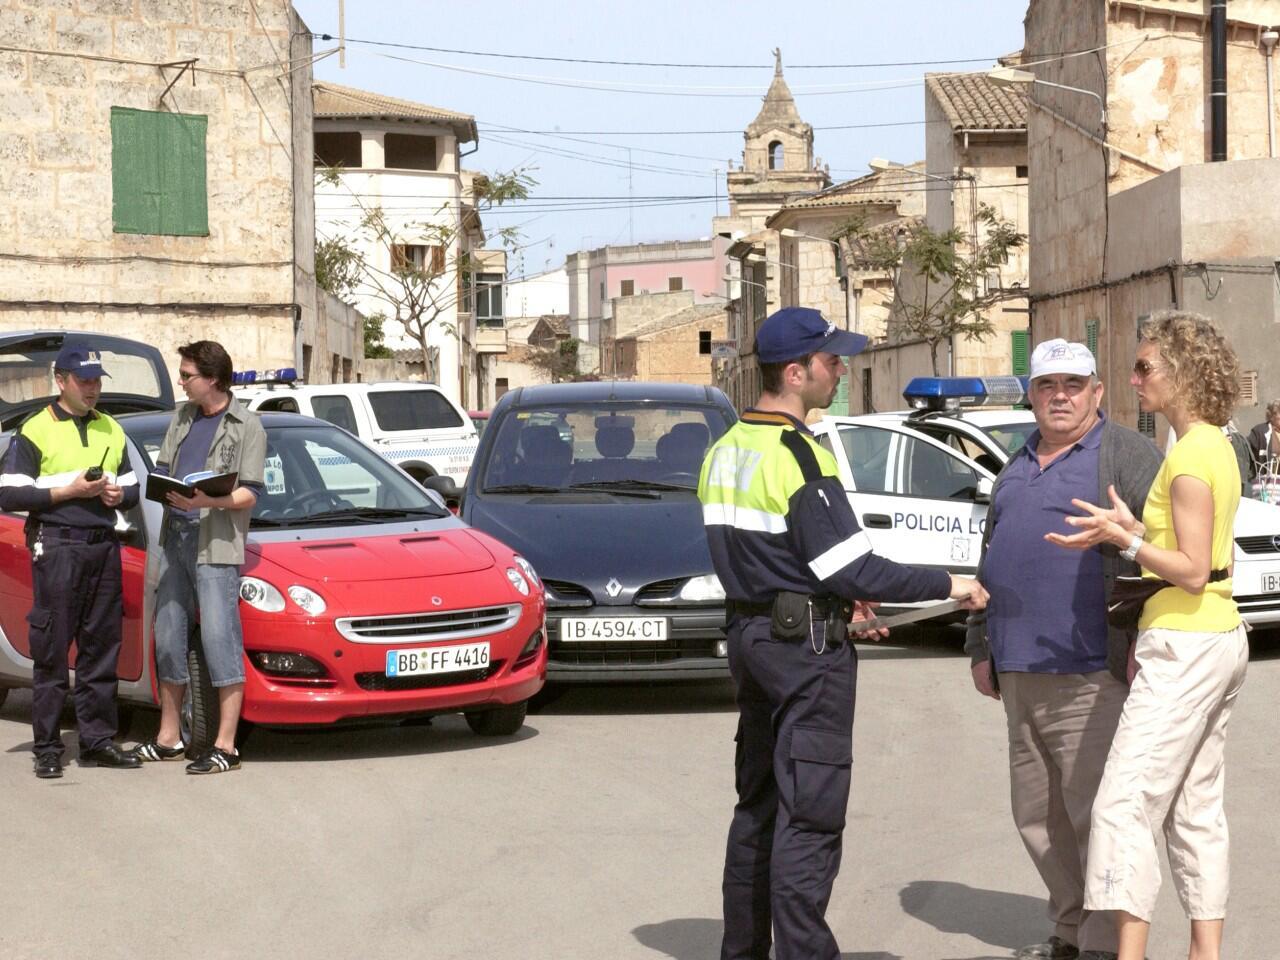 Bild zu Mietwagen im Ausland: Achten Sie auf den Versicherungsschutz